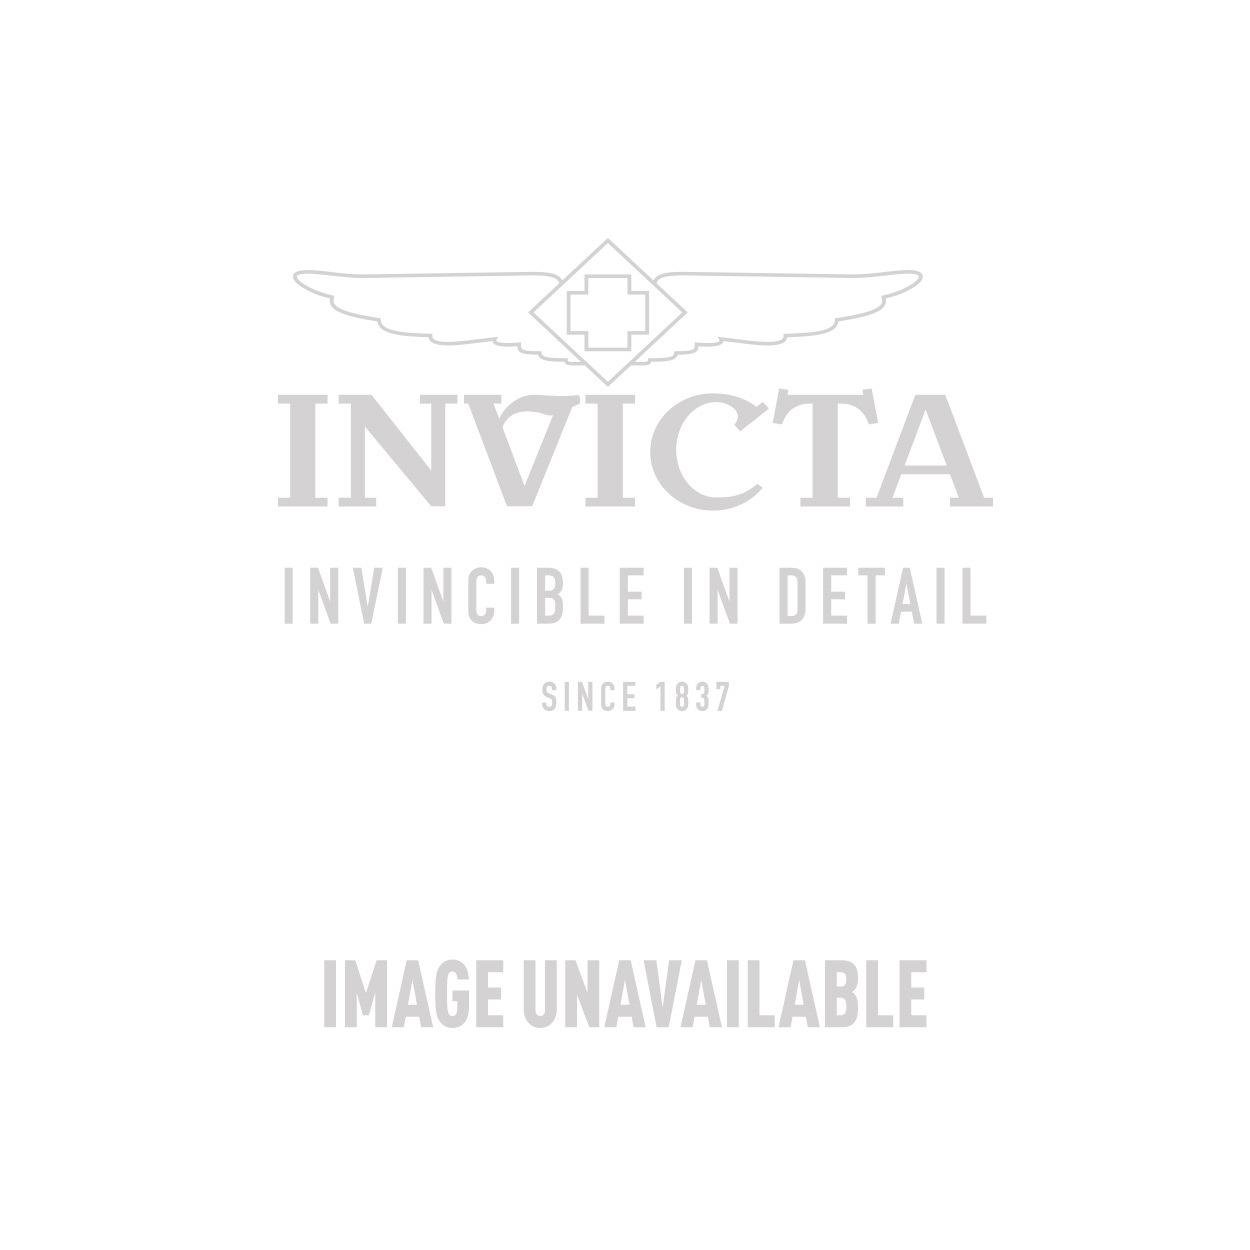 Invicta Model 26912